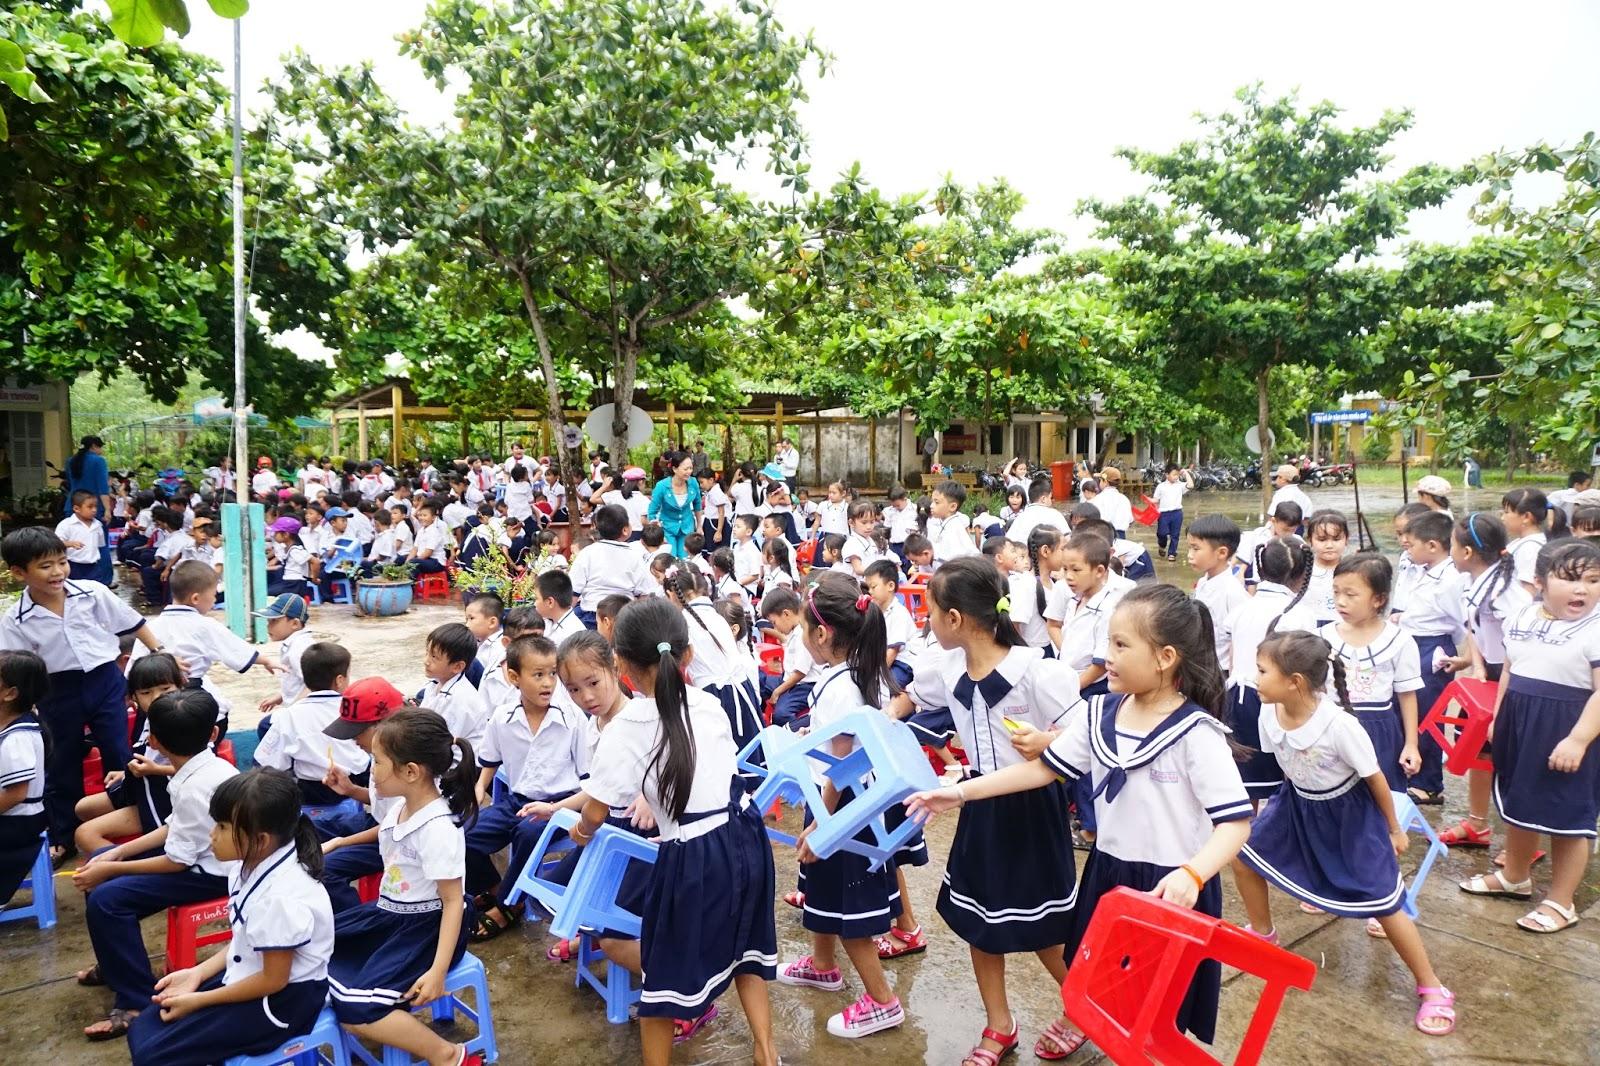 Trời hết mưa, các em nhanh chóng tập trung để tham gia chương trình Tết Trung Thu